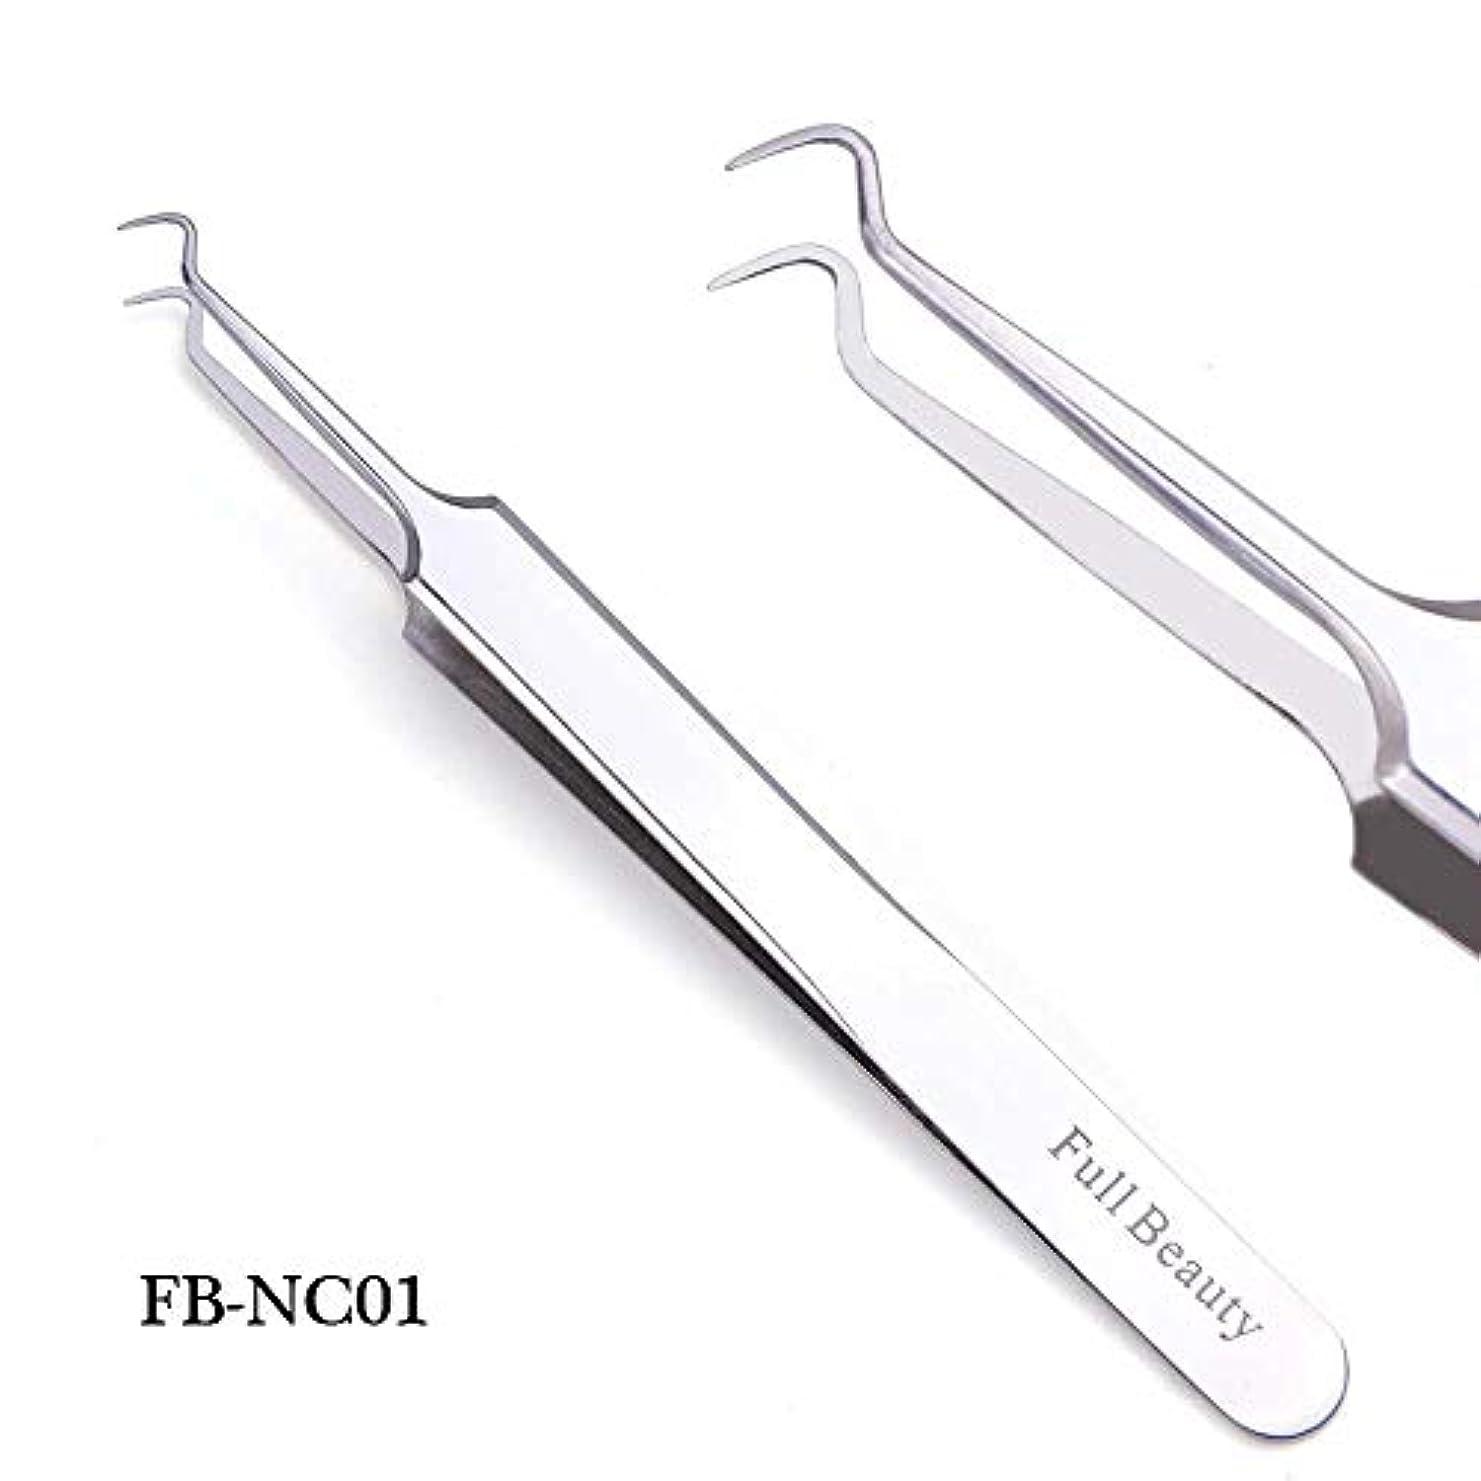 ナインへ金銭的なピカソ1ピーススライバーミラー眉毛ピンセット曲線ストレートまつげエクステンションネイルニッパーにきびクリーニング化粧道具マニキュアSAFBNC01-04 FB-NC01